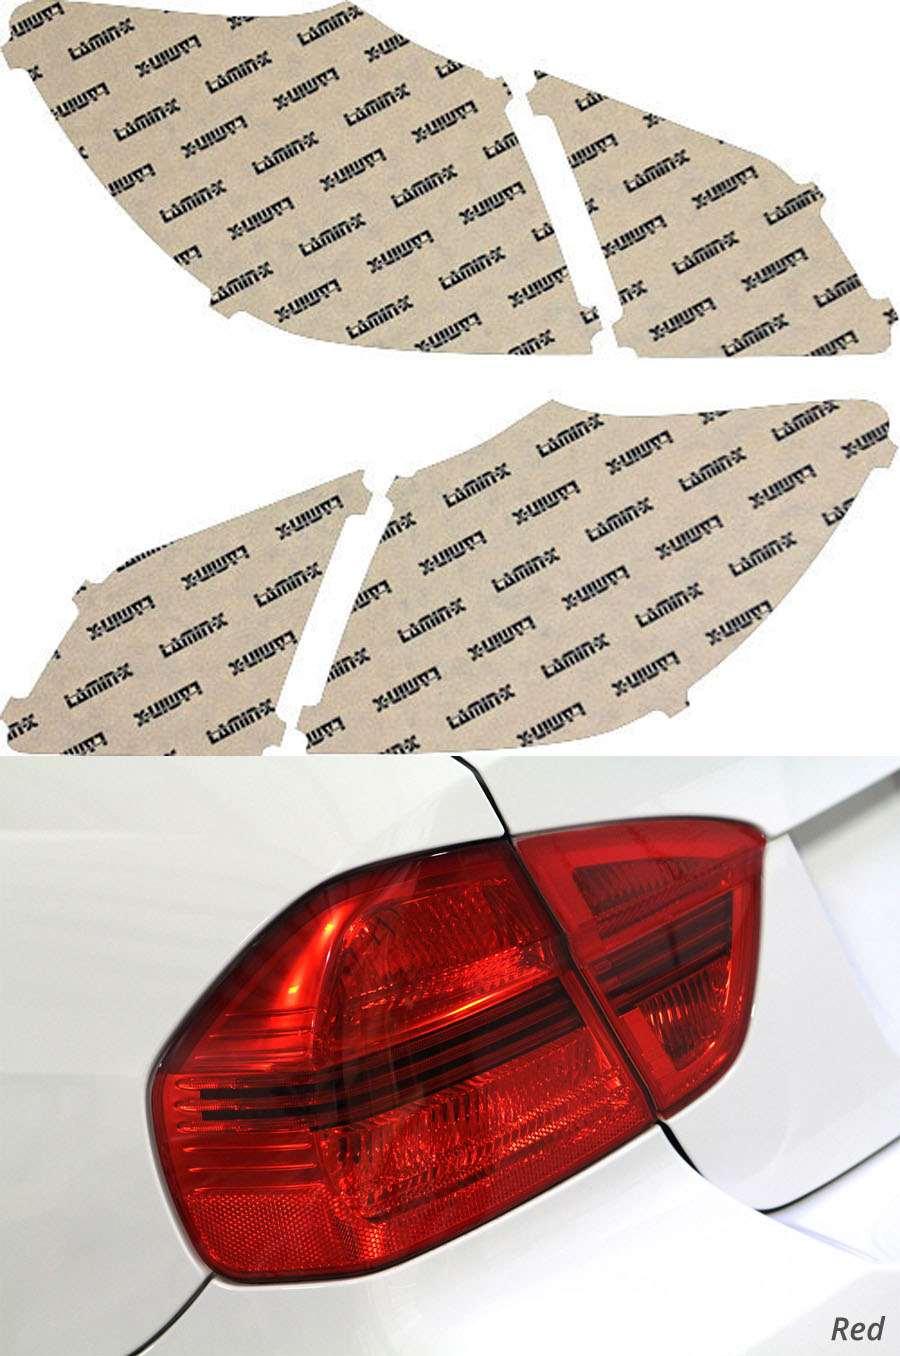 Hyundai Genesis Sedan 09-11 Red Tail Light Covers Lamin-X HY212R